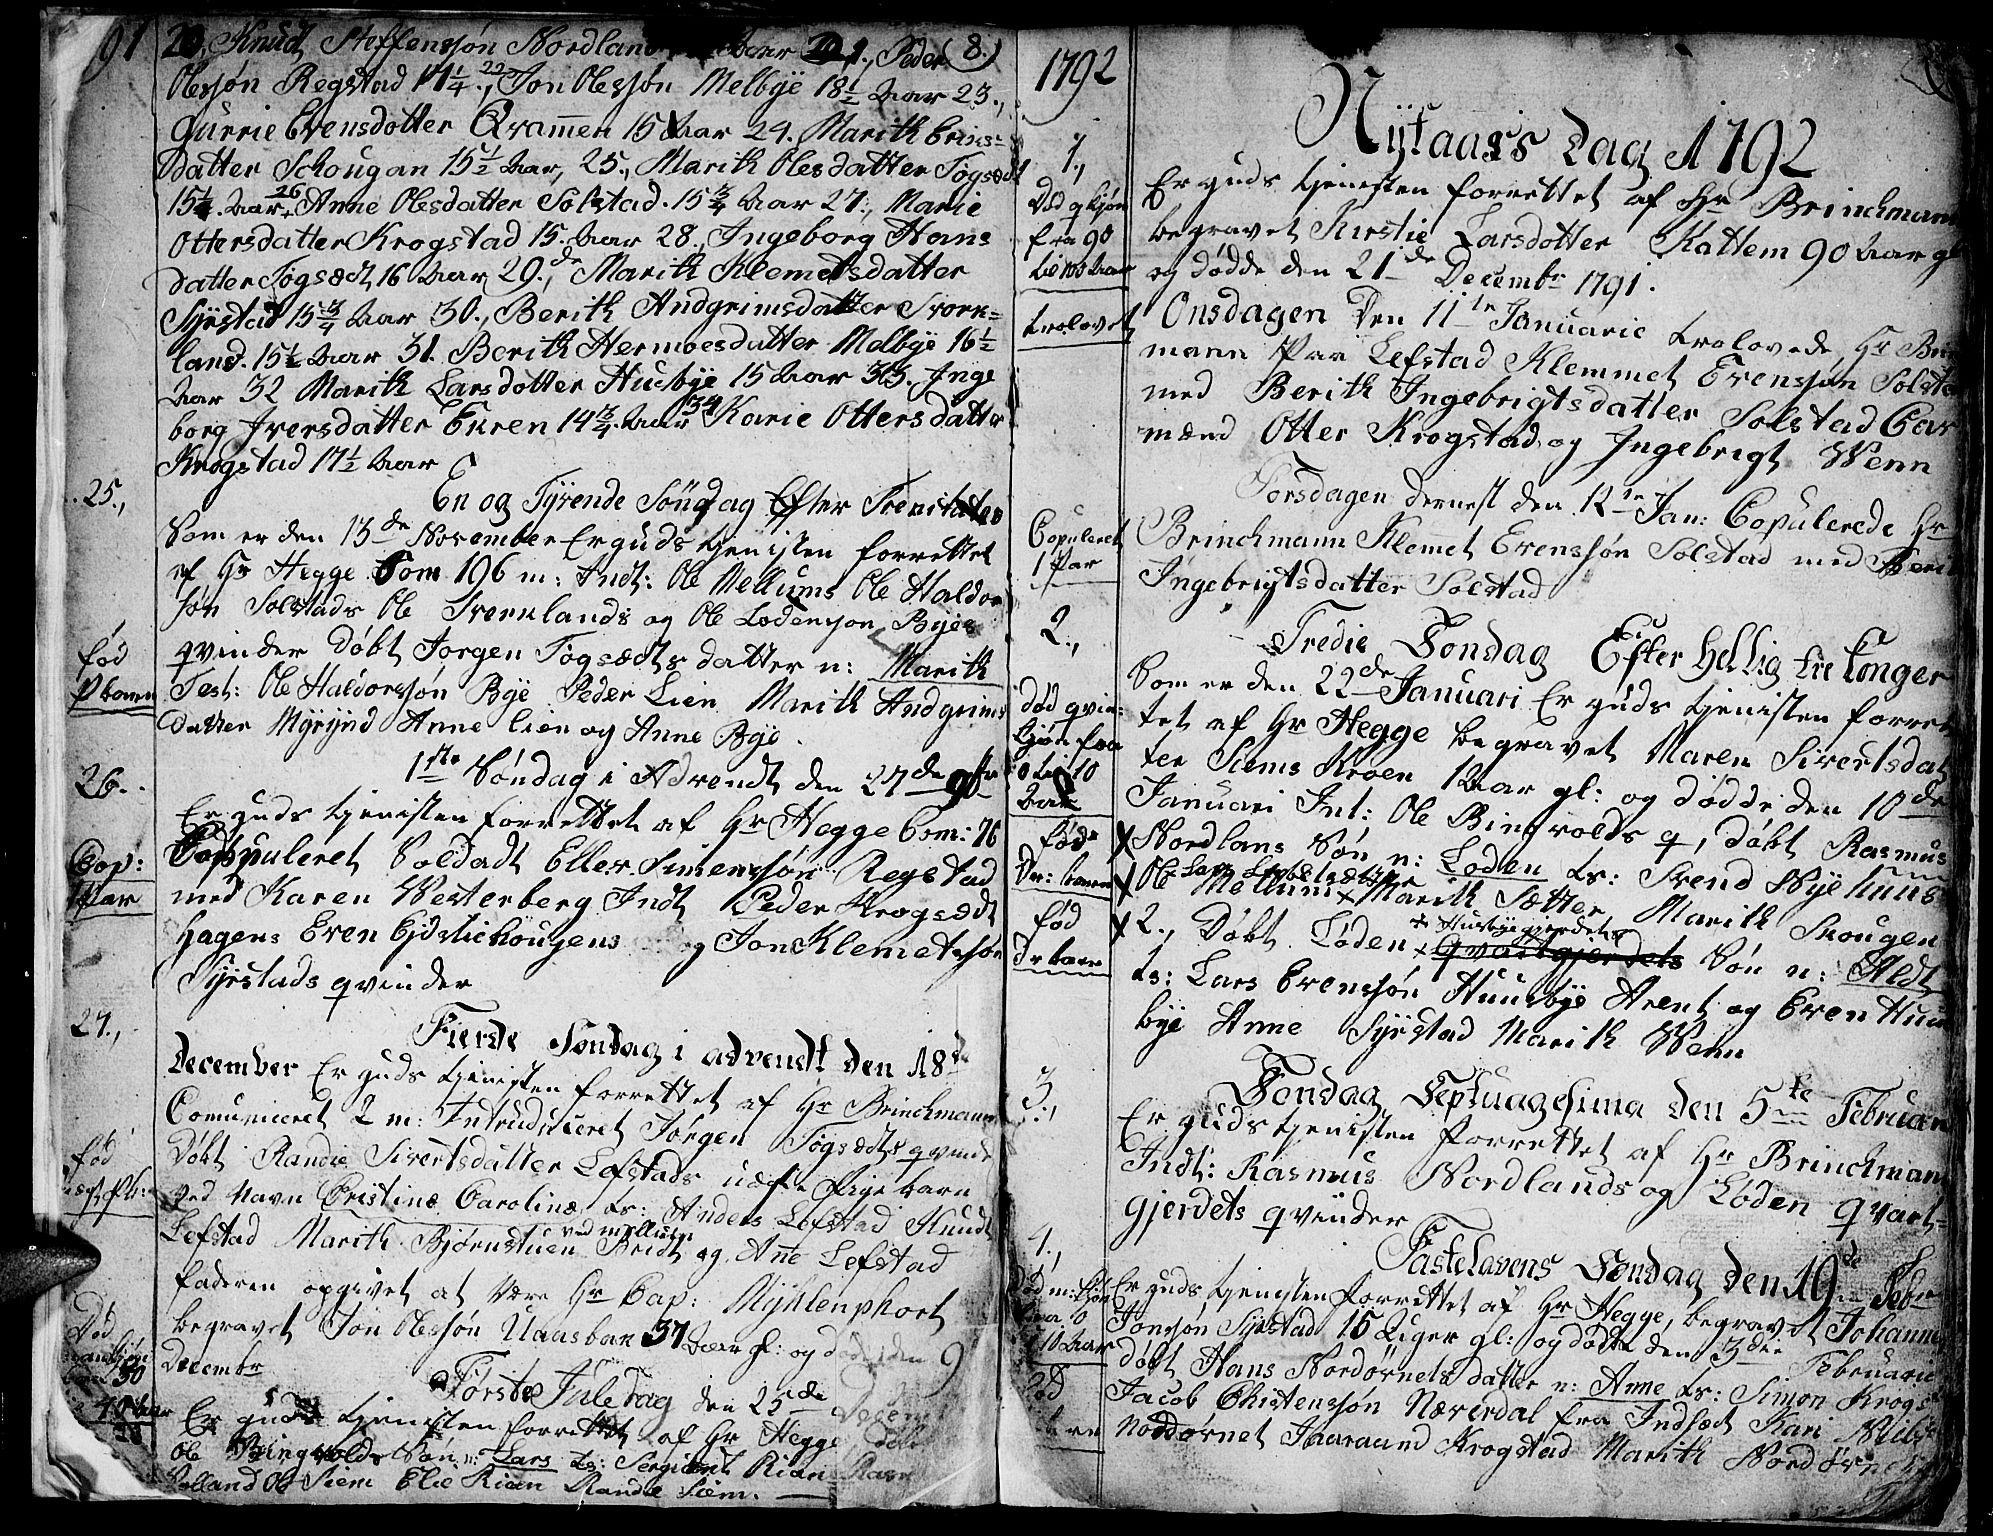 SAT, Ministerialprotokoller, klokkerbøker og fødselsregistre - Sør-Trøndelag, 667/L0794: Ministerialbok nr. 667A02, 1791-1816, s. 10-11